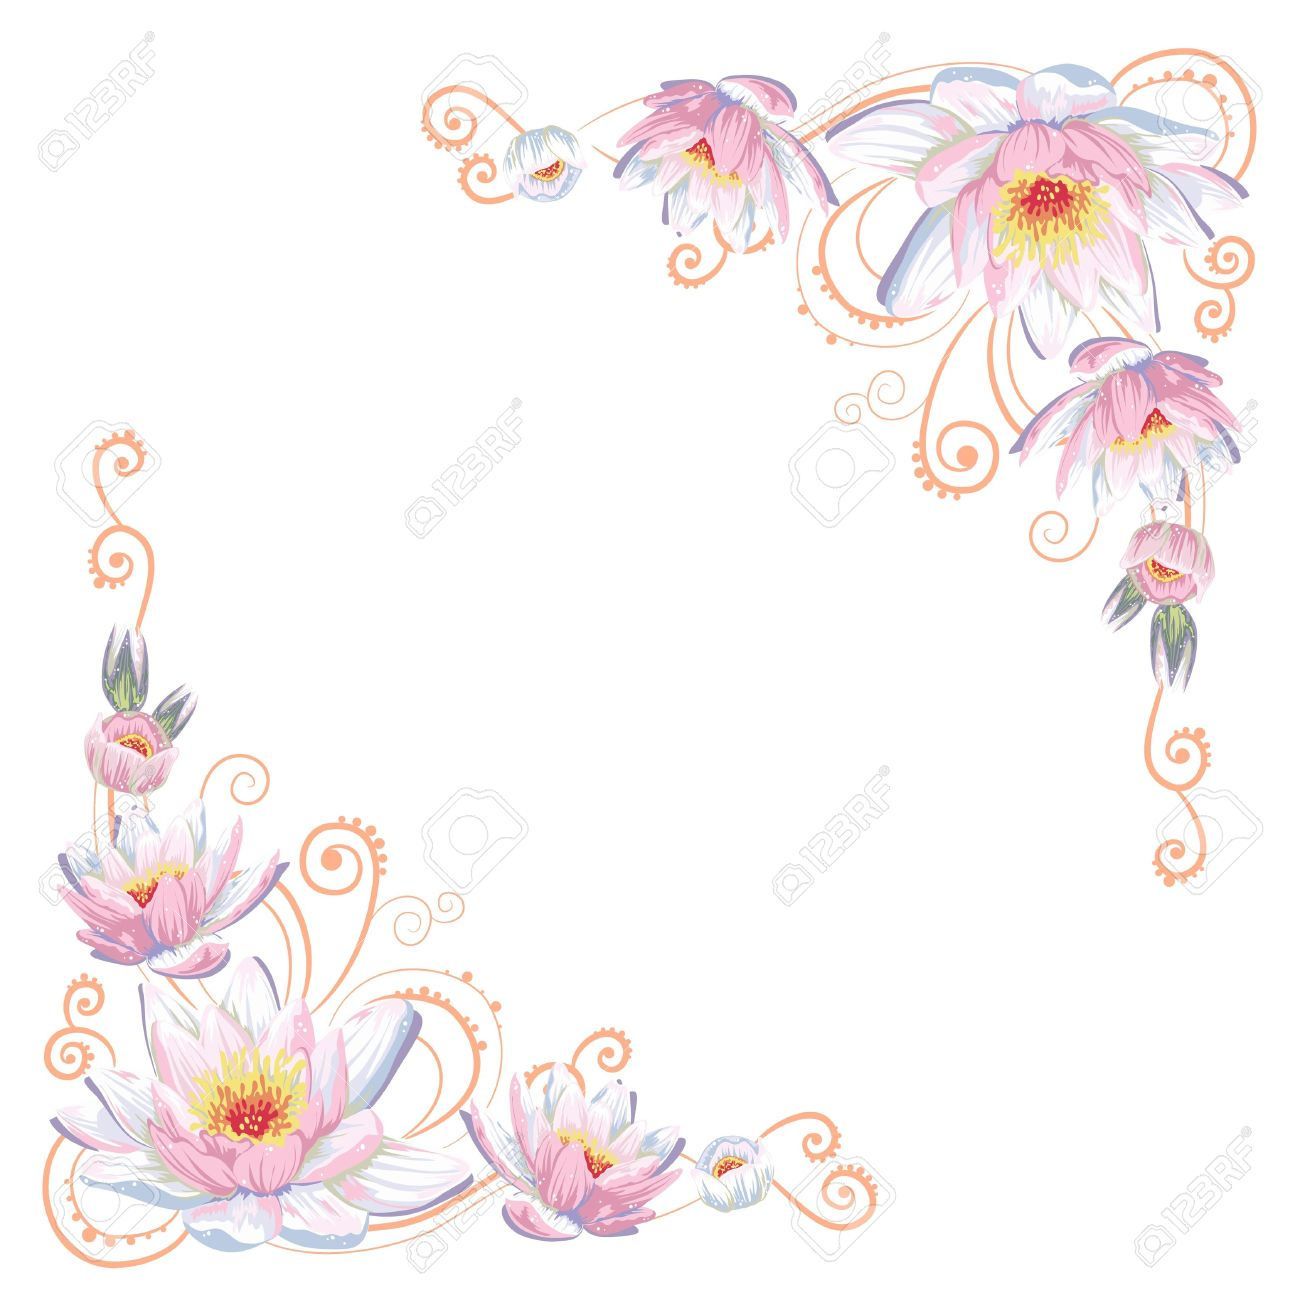 Elegant flower clipart image library stock Elegant Flower Border Clipart image library stock